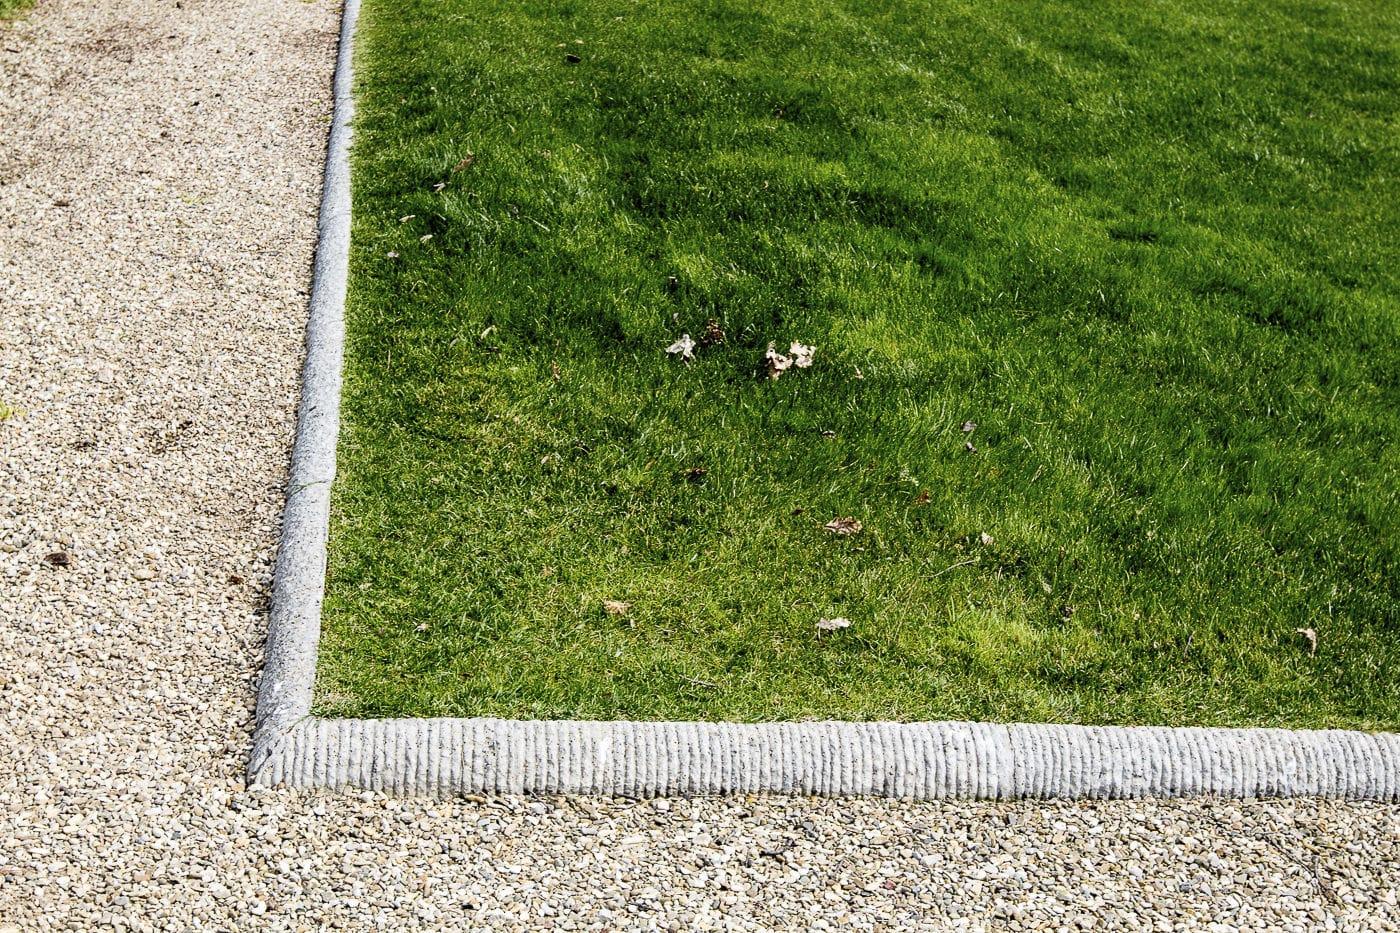 Bordure De Jardin / En Pierre Naturelle / Autres Formes avec Bordure De Jardin En Pierre